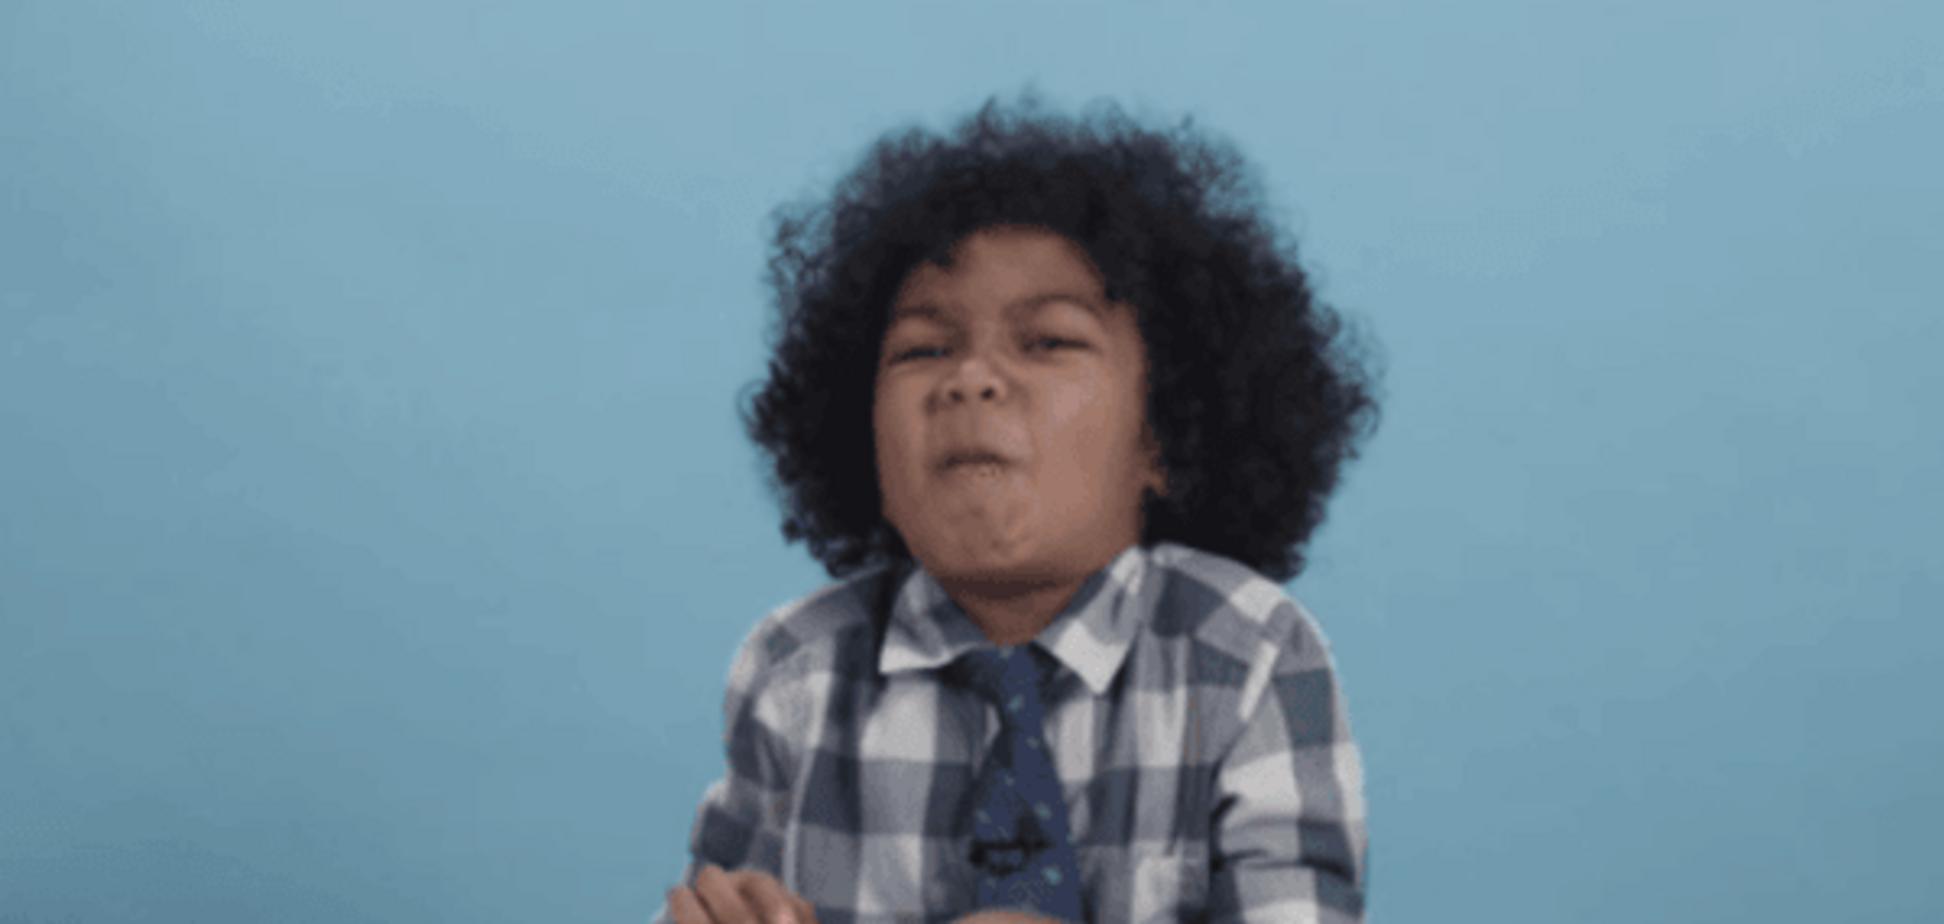 В сети показали забавную реакцию детей из США на украинские конфеты: видеофакт